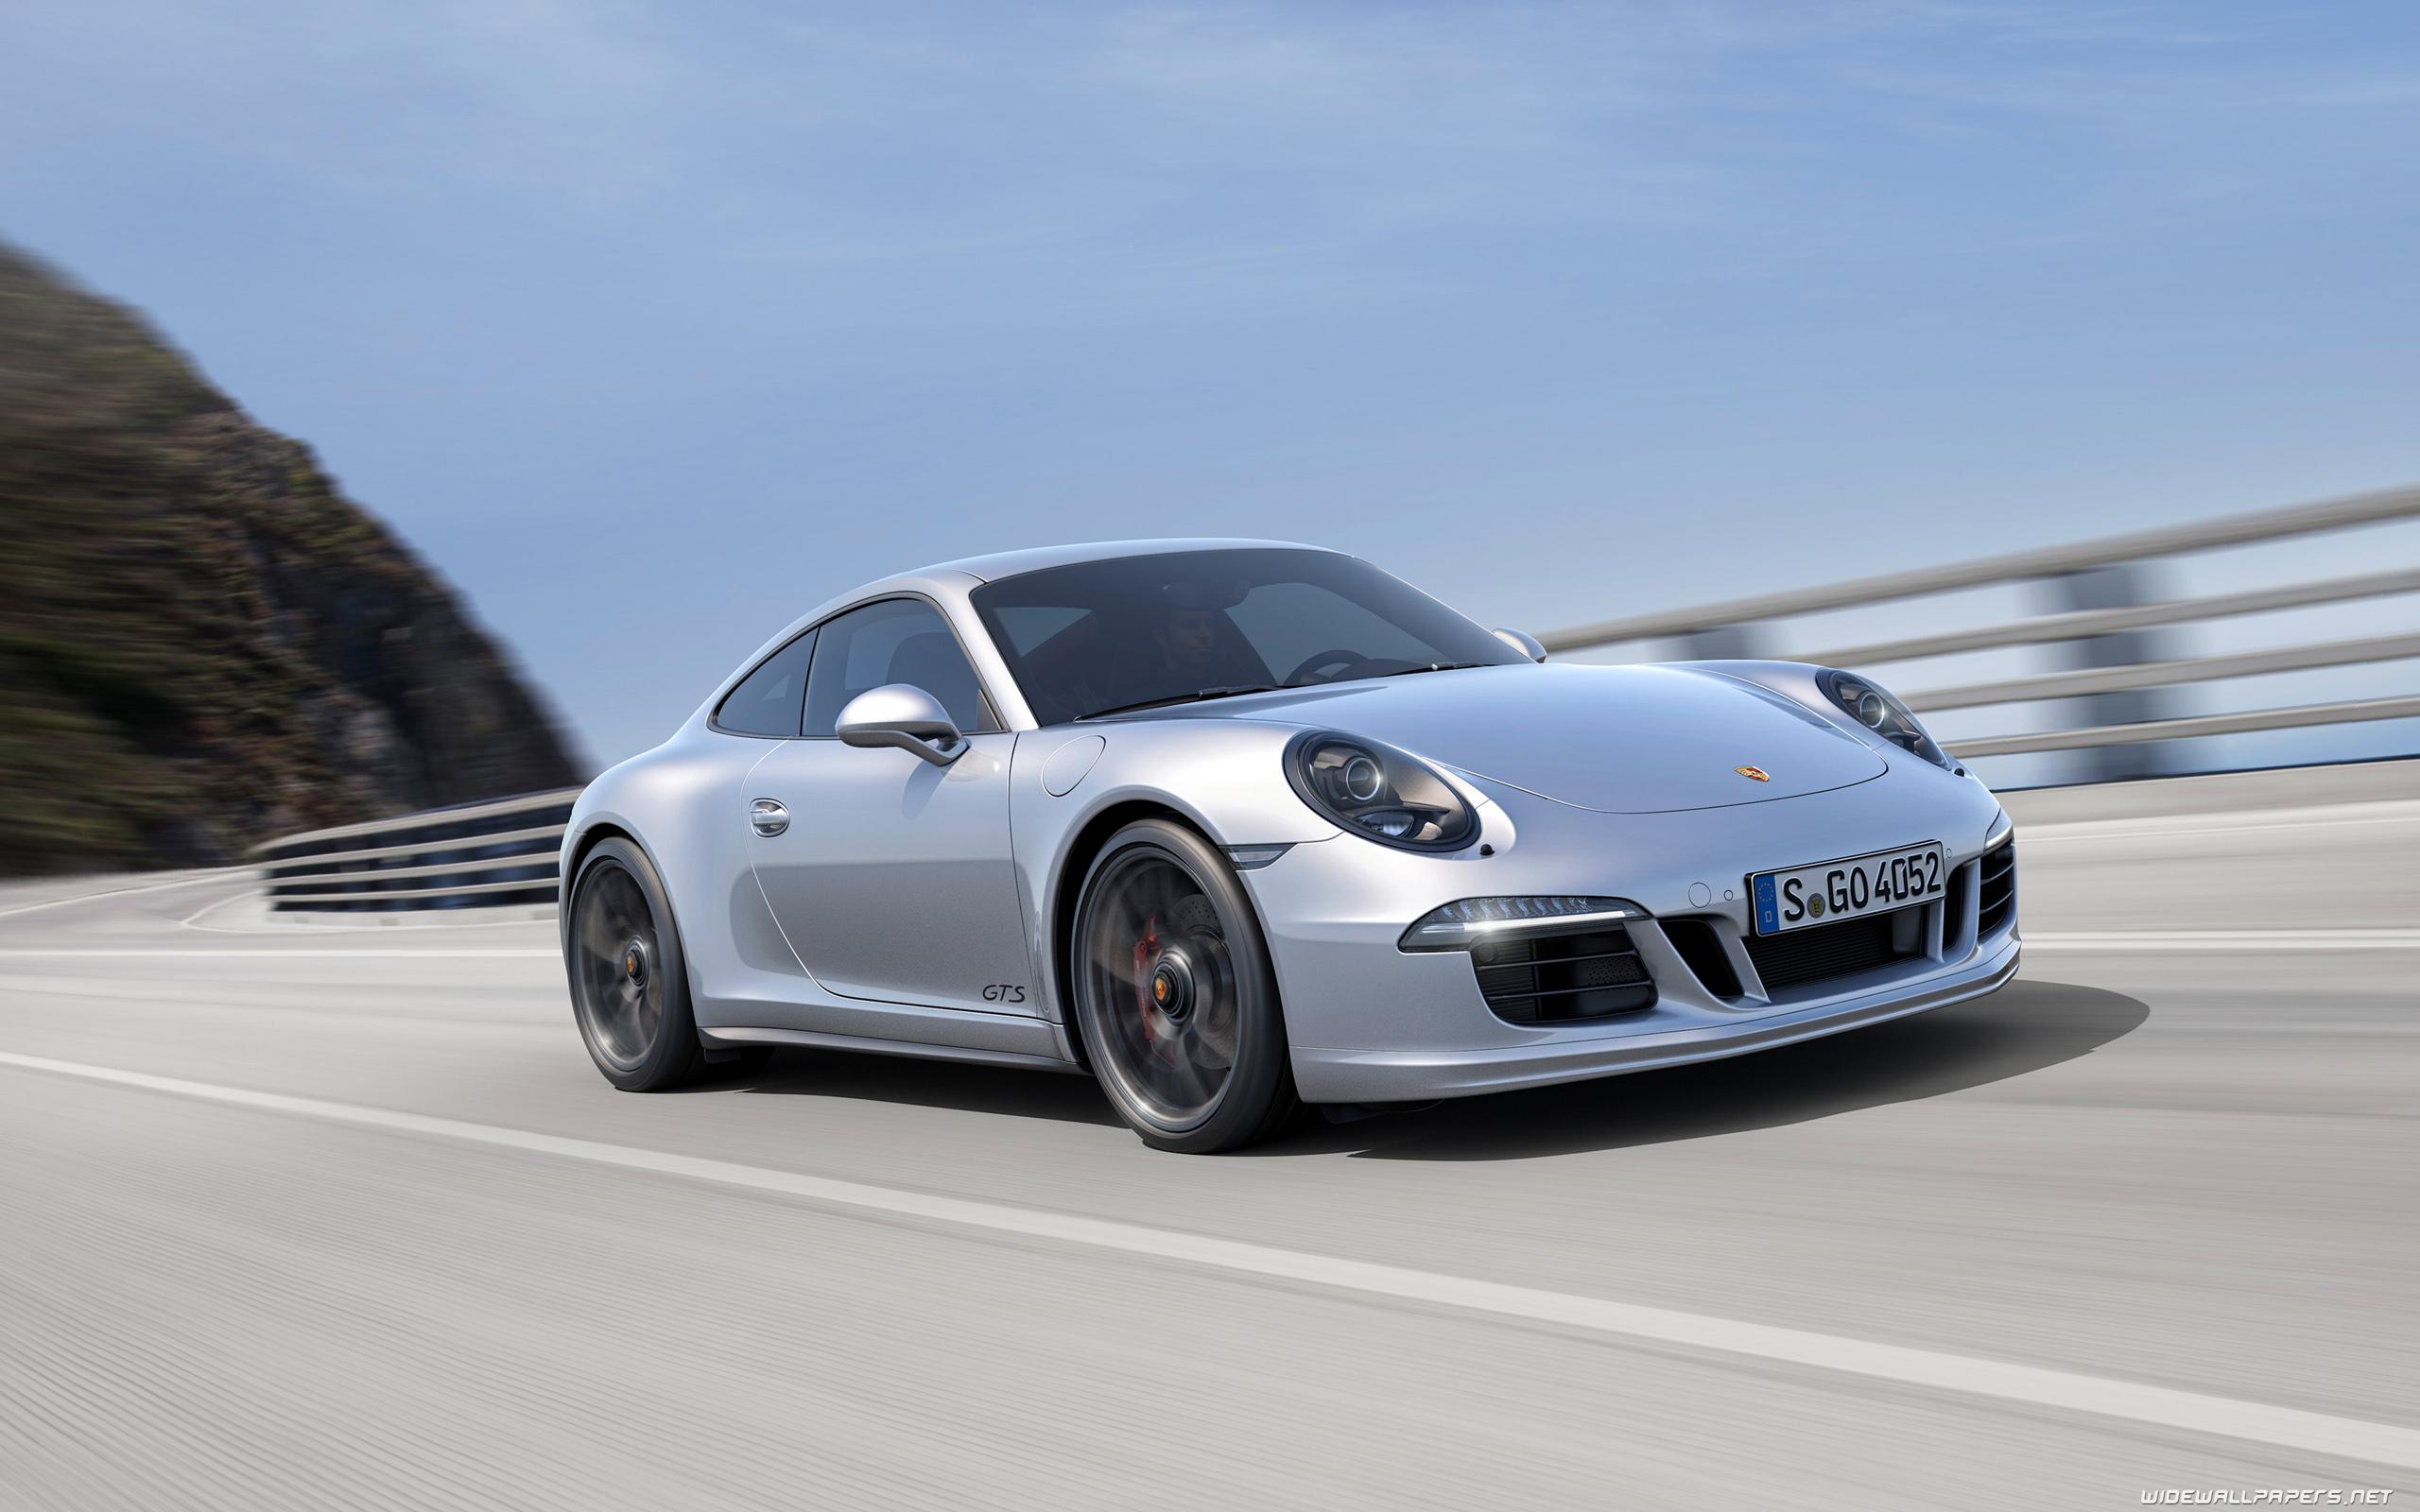 Porsche 911 cars desktop wallpapers 4K Ultra HD 2560x1600